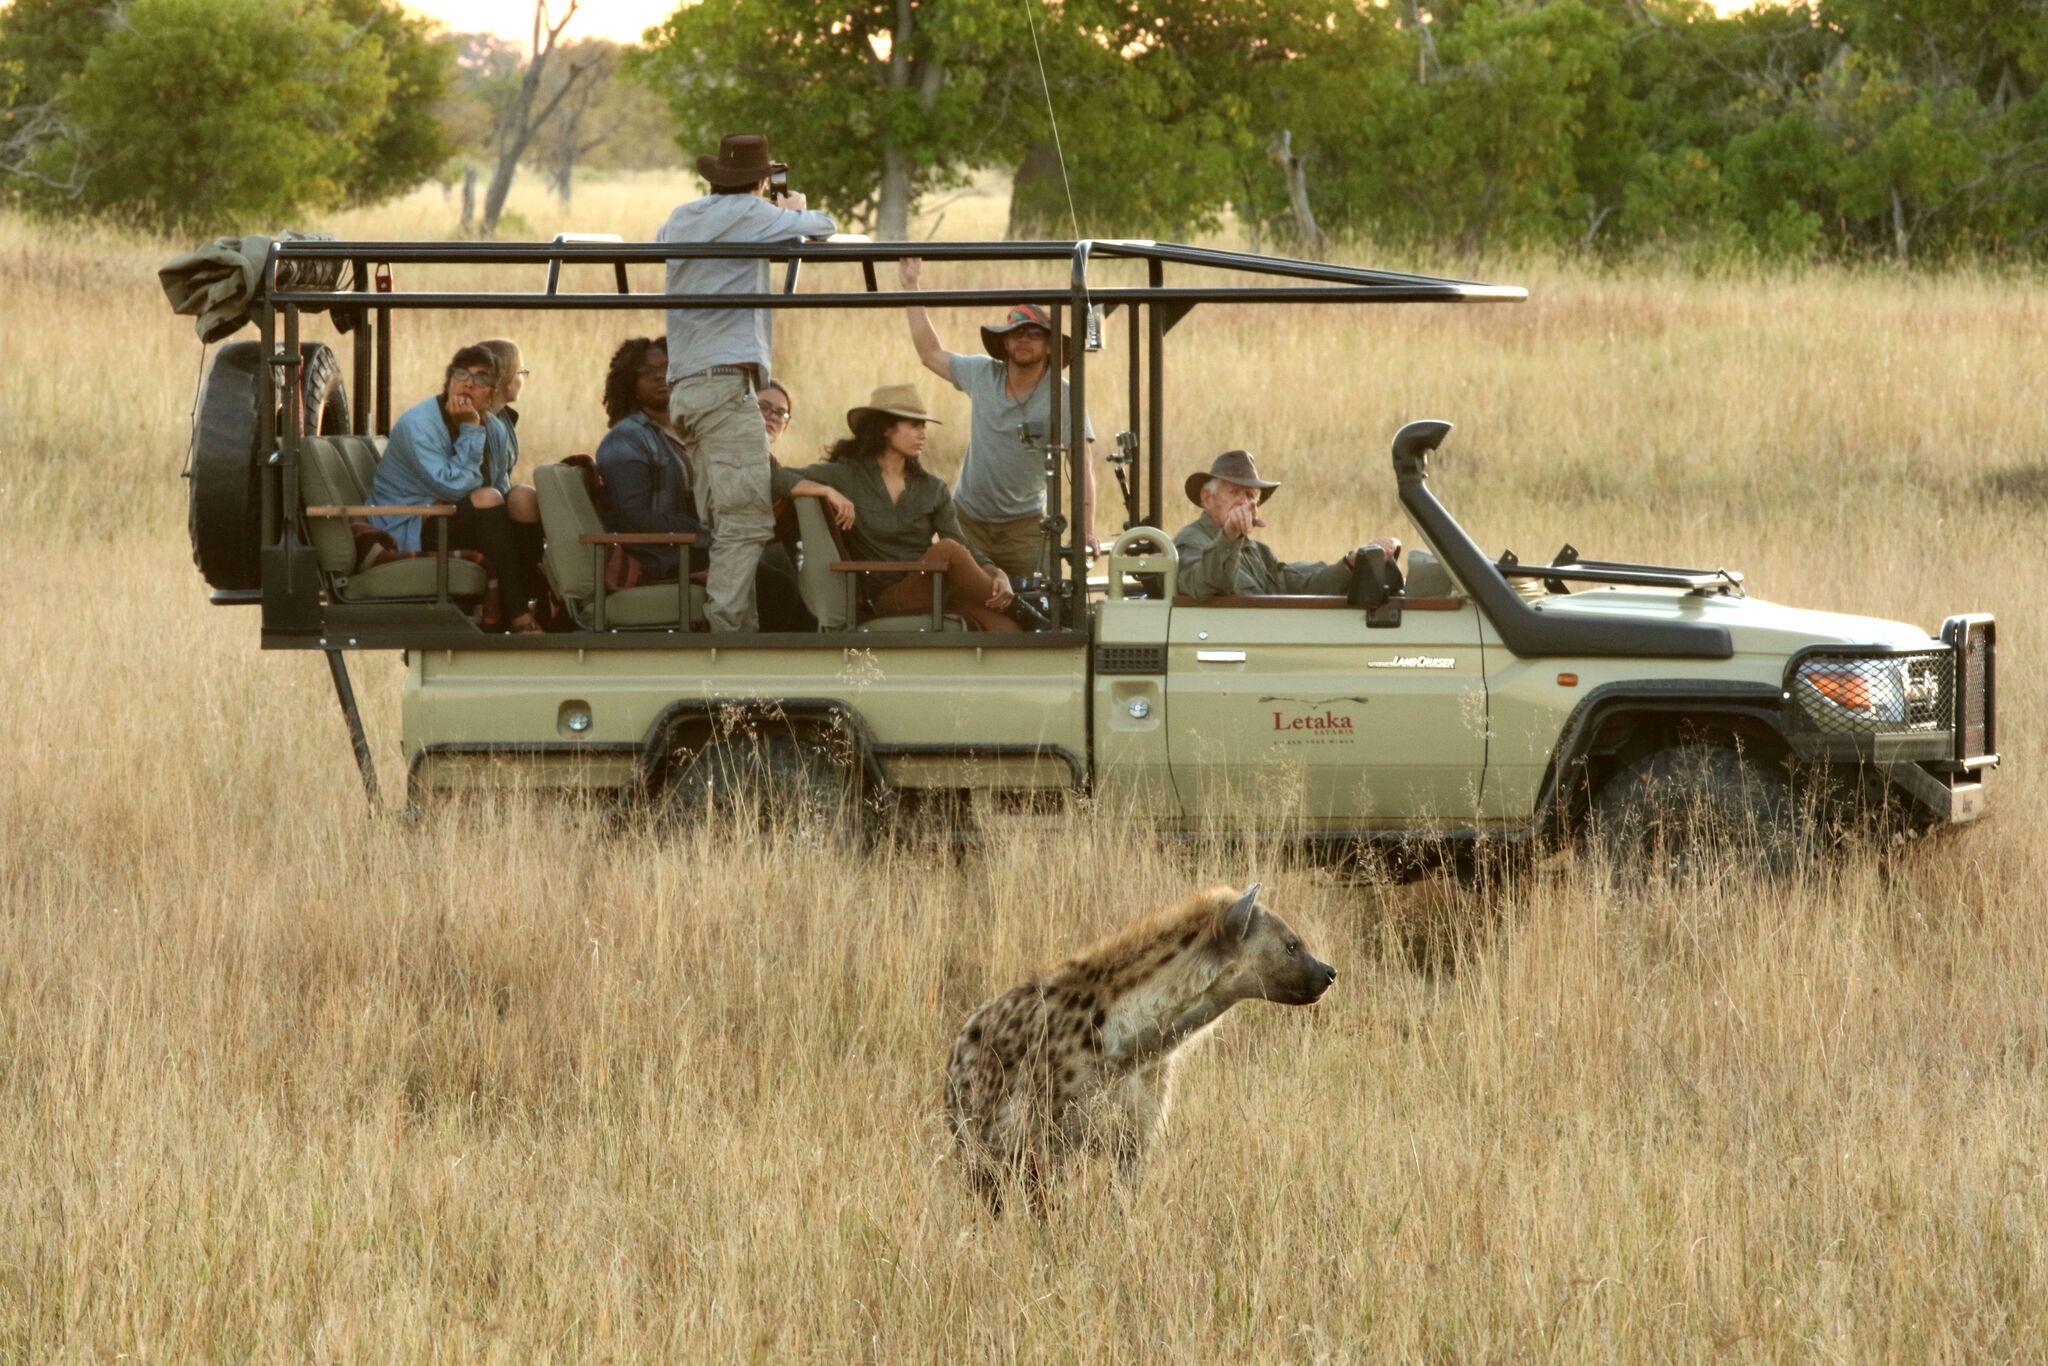 vehicles used on mobile safari